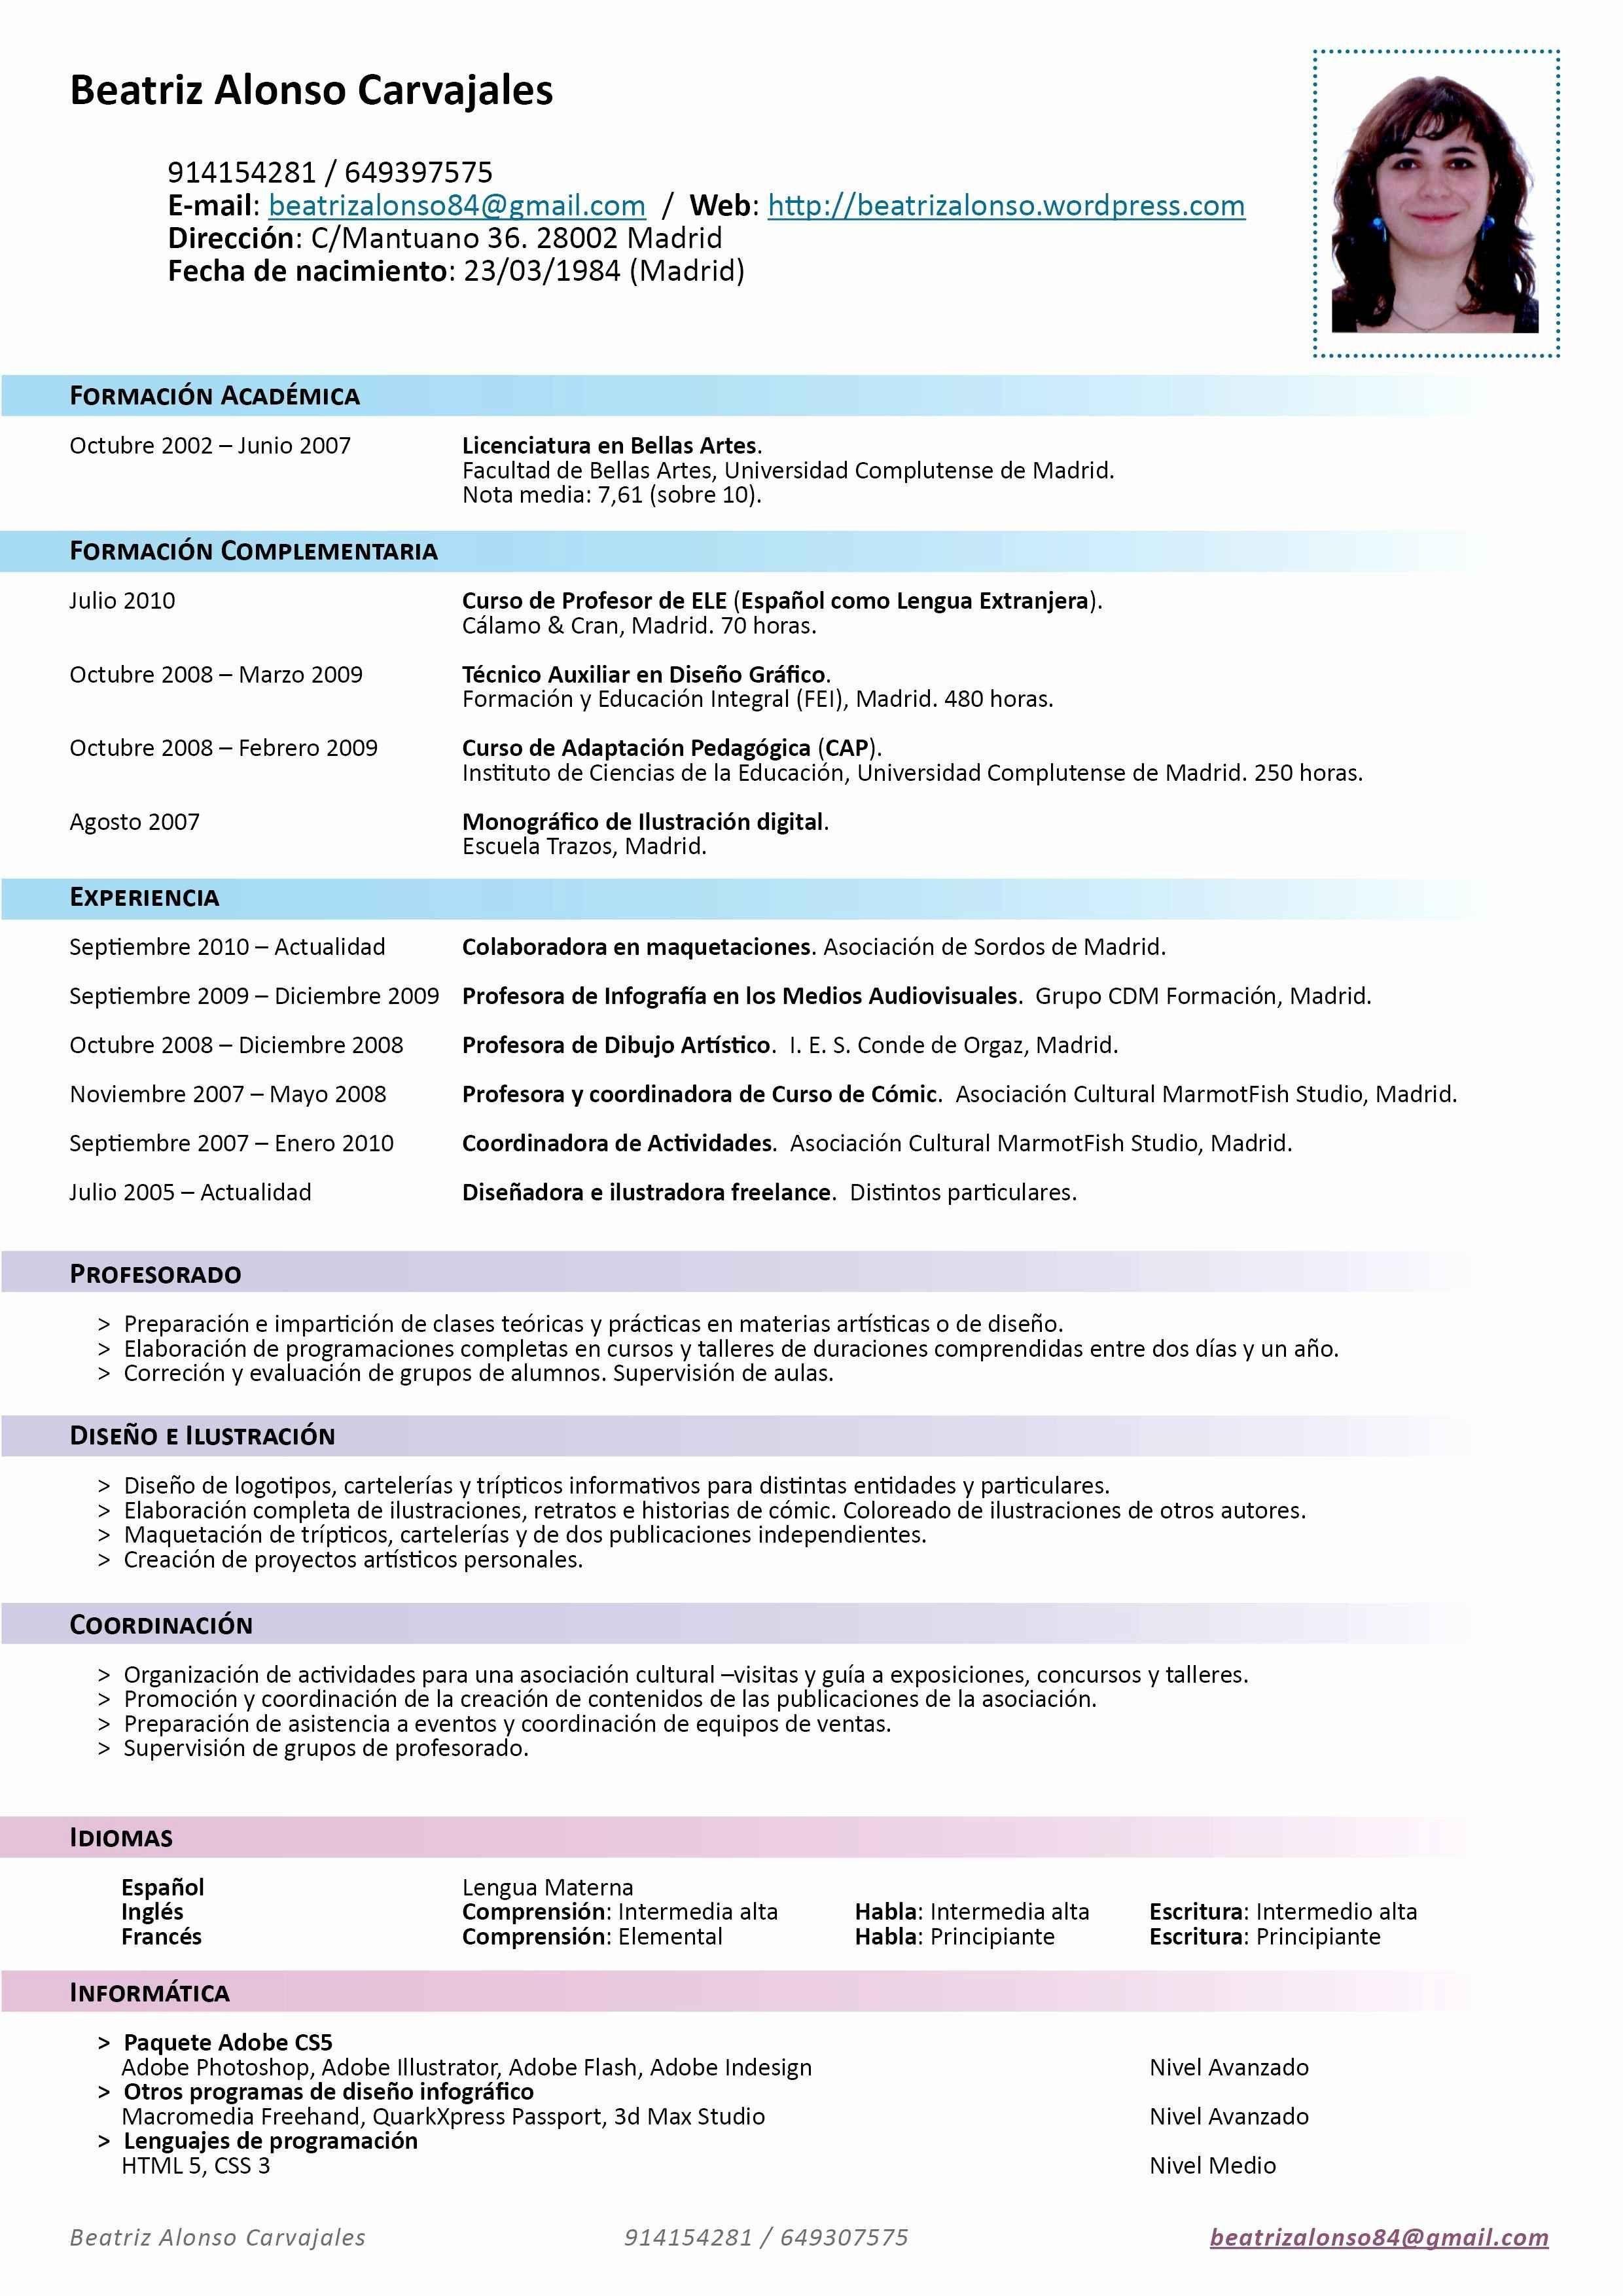 Como Hacer Un Resume De Trabajo Ejemplos De Resume Trabajo Templates Ejemplo Curriculum Curriculum Vitae Job Resume Format Cv Format For Job